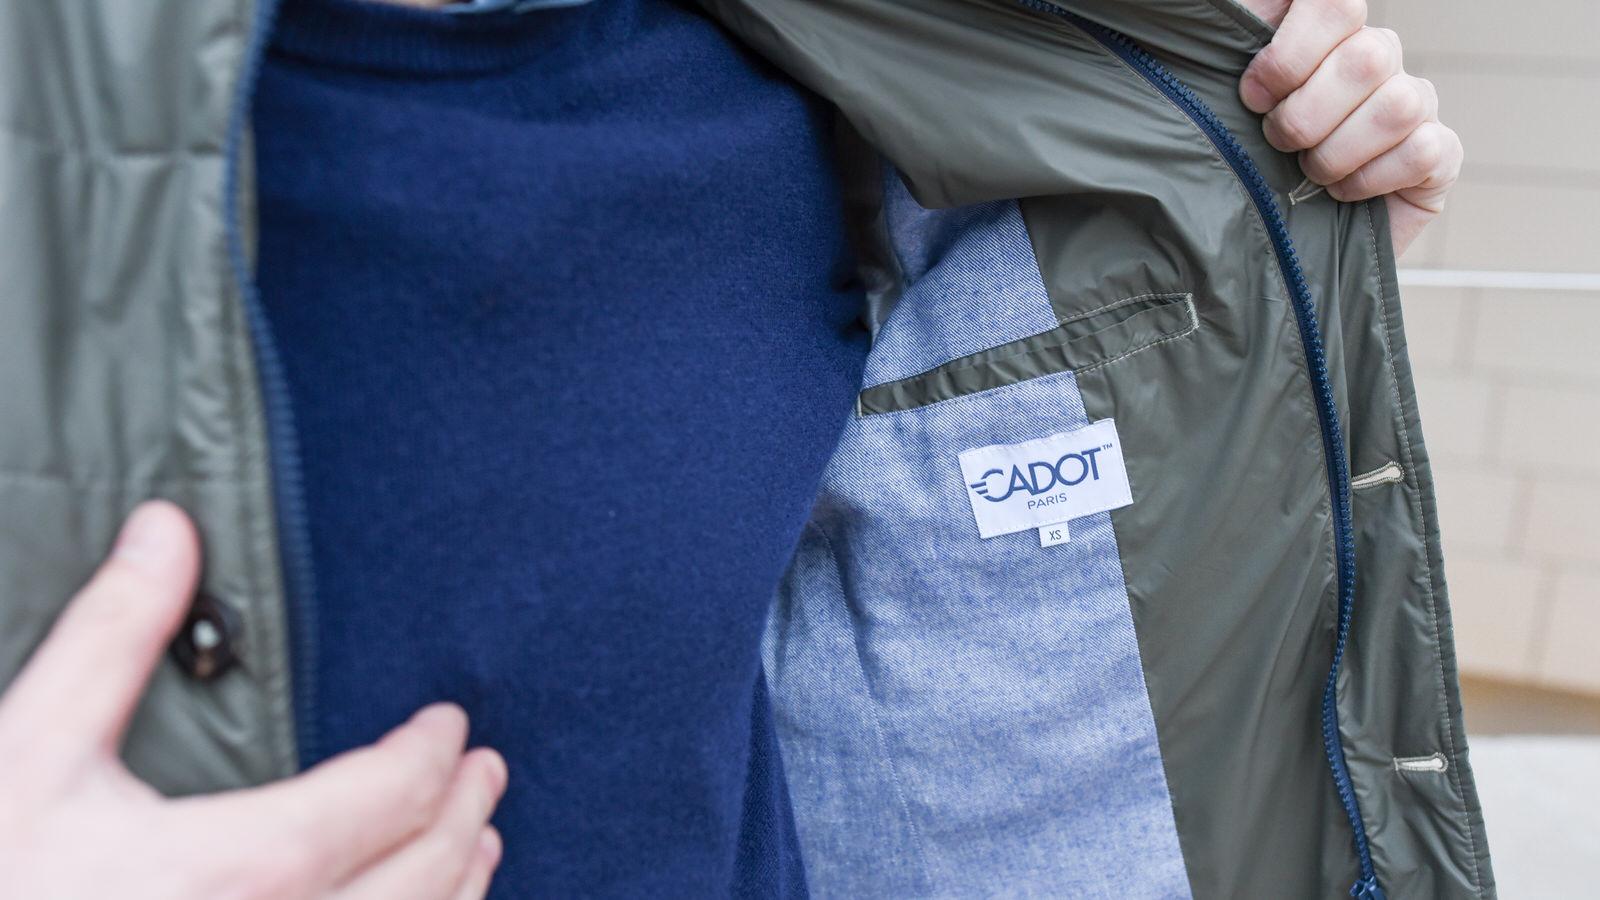 veste cadot légère